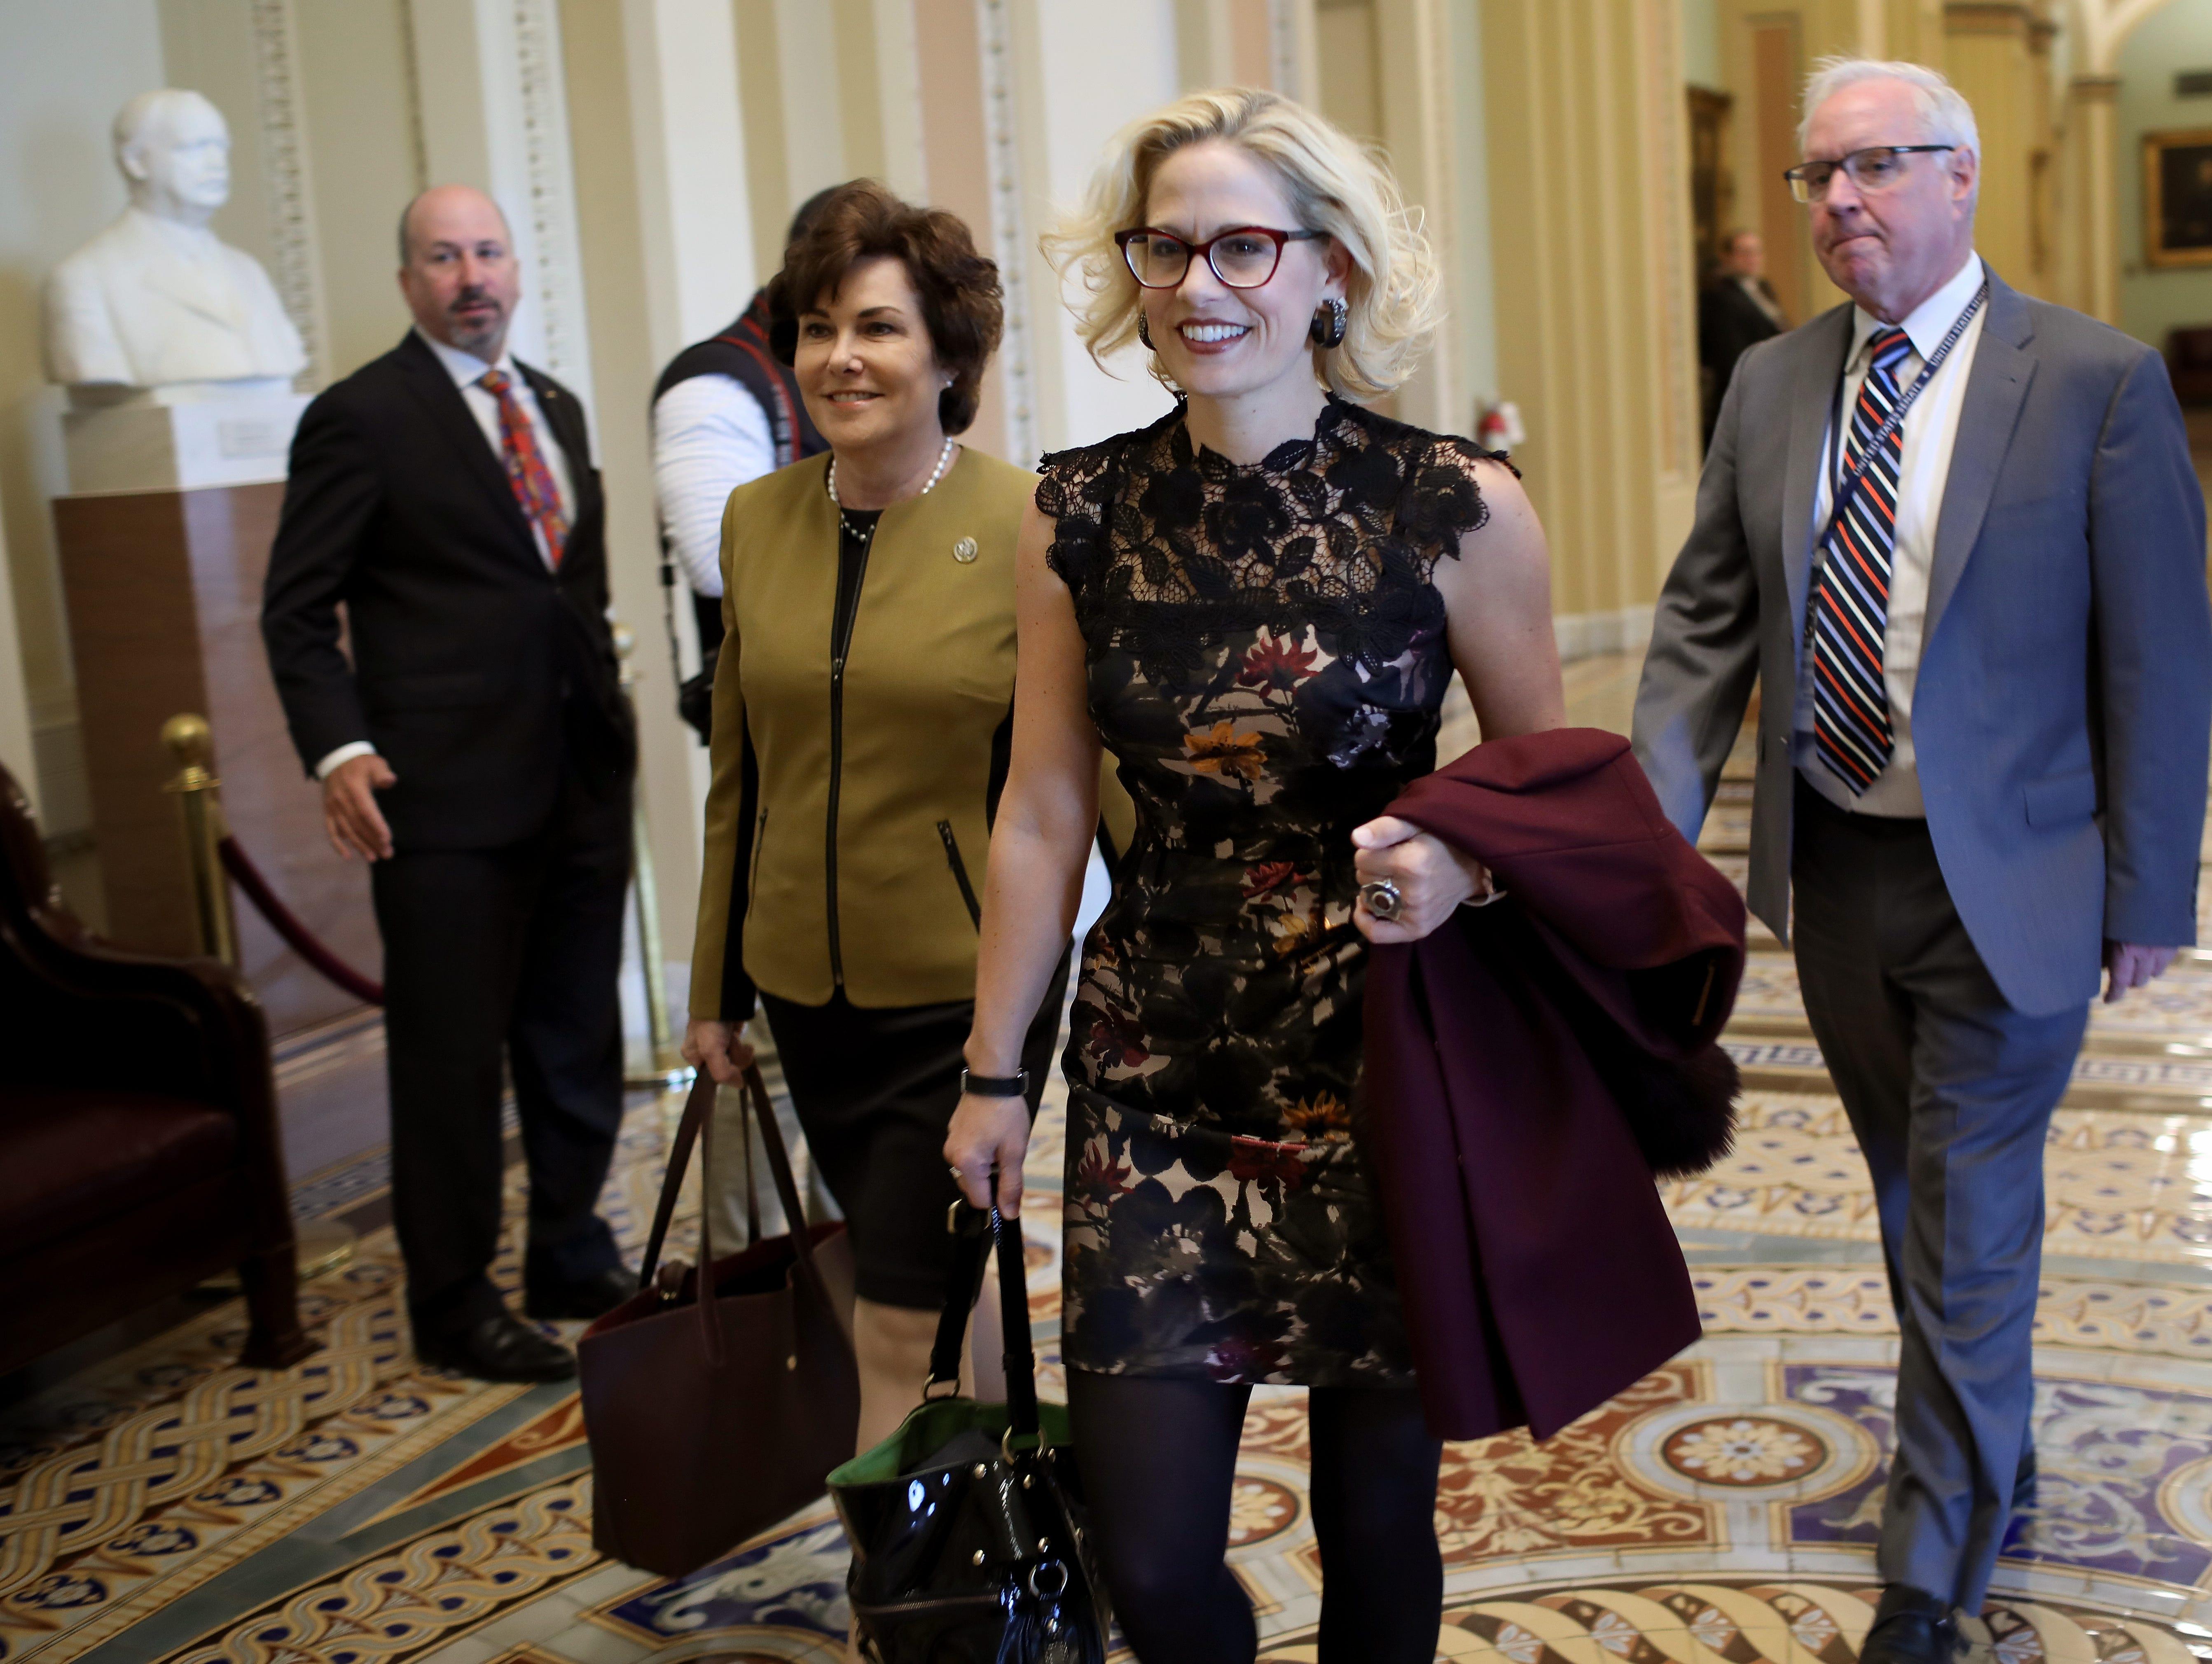 Triunfo de Sinema muestra que Arizona tiene 'destellos morados'